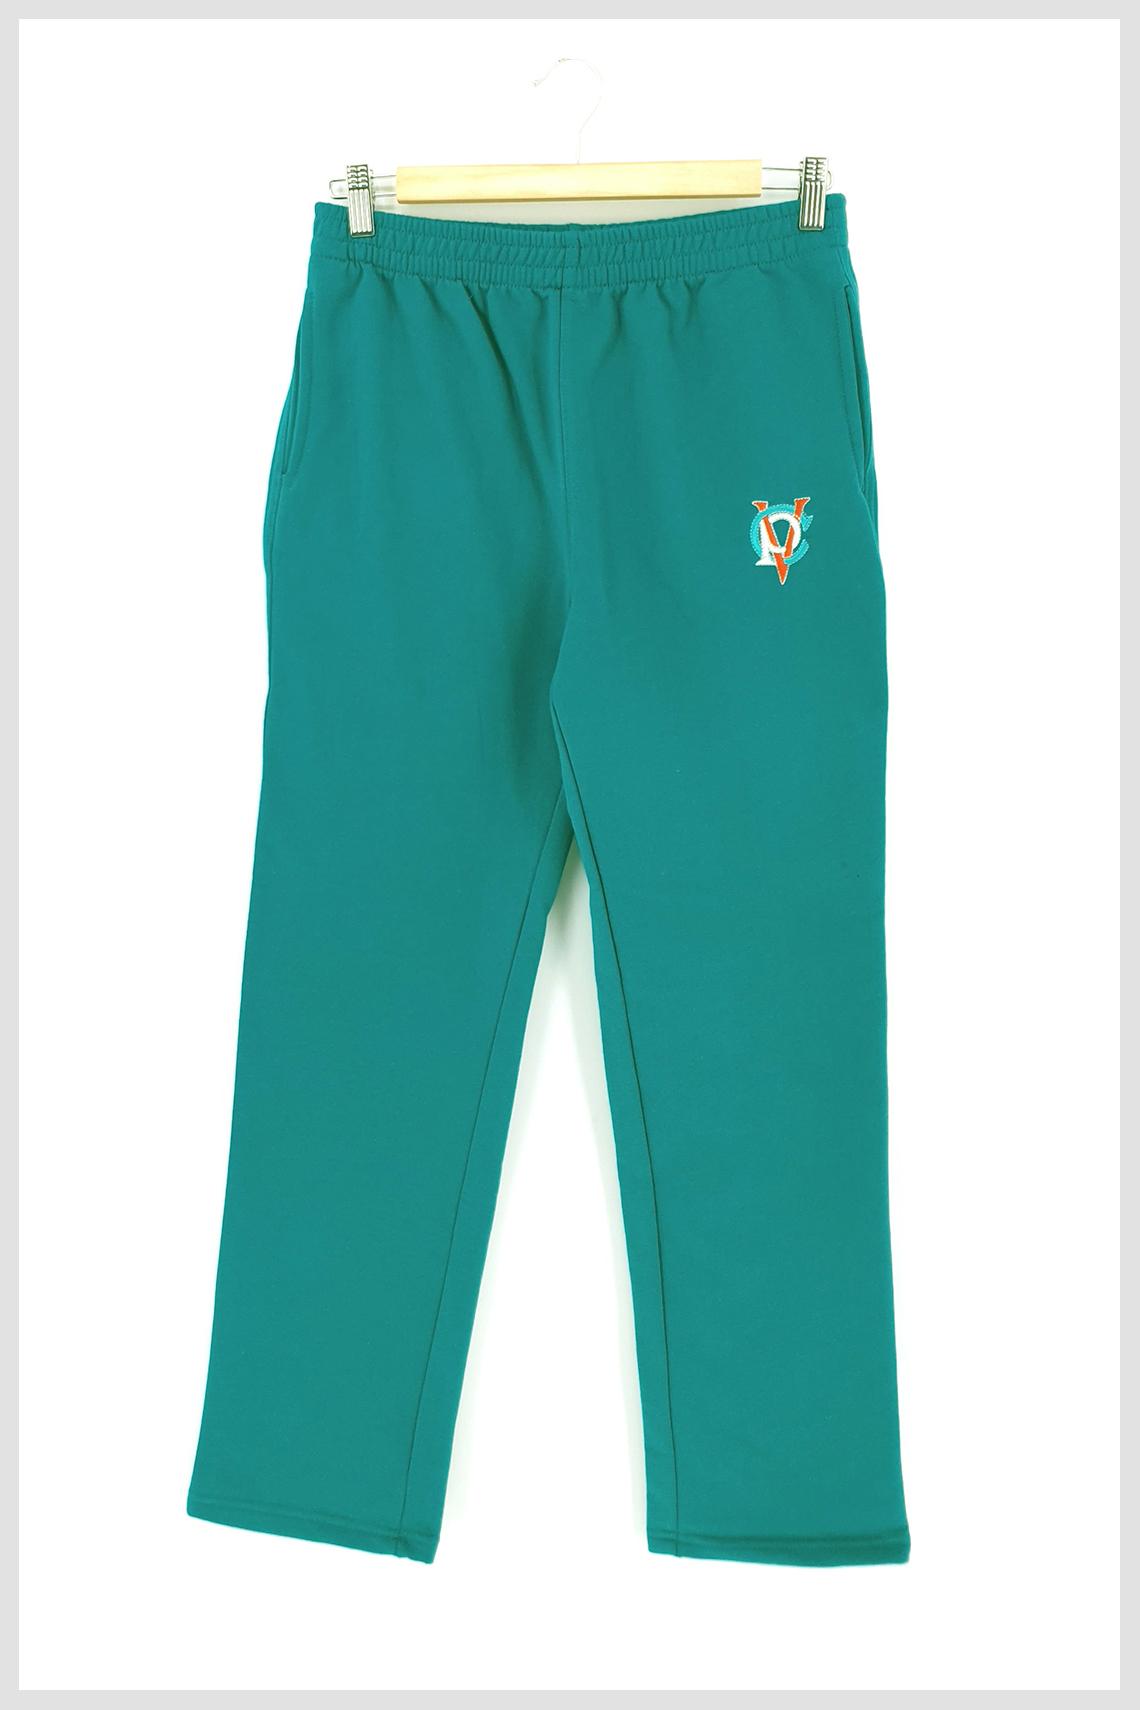 Pantalon Buzo Niña (10 - 16)